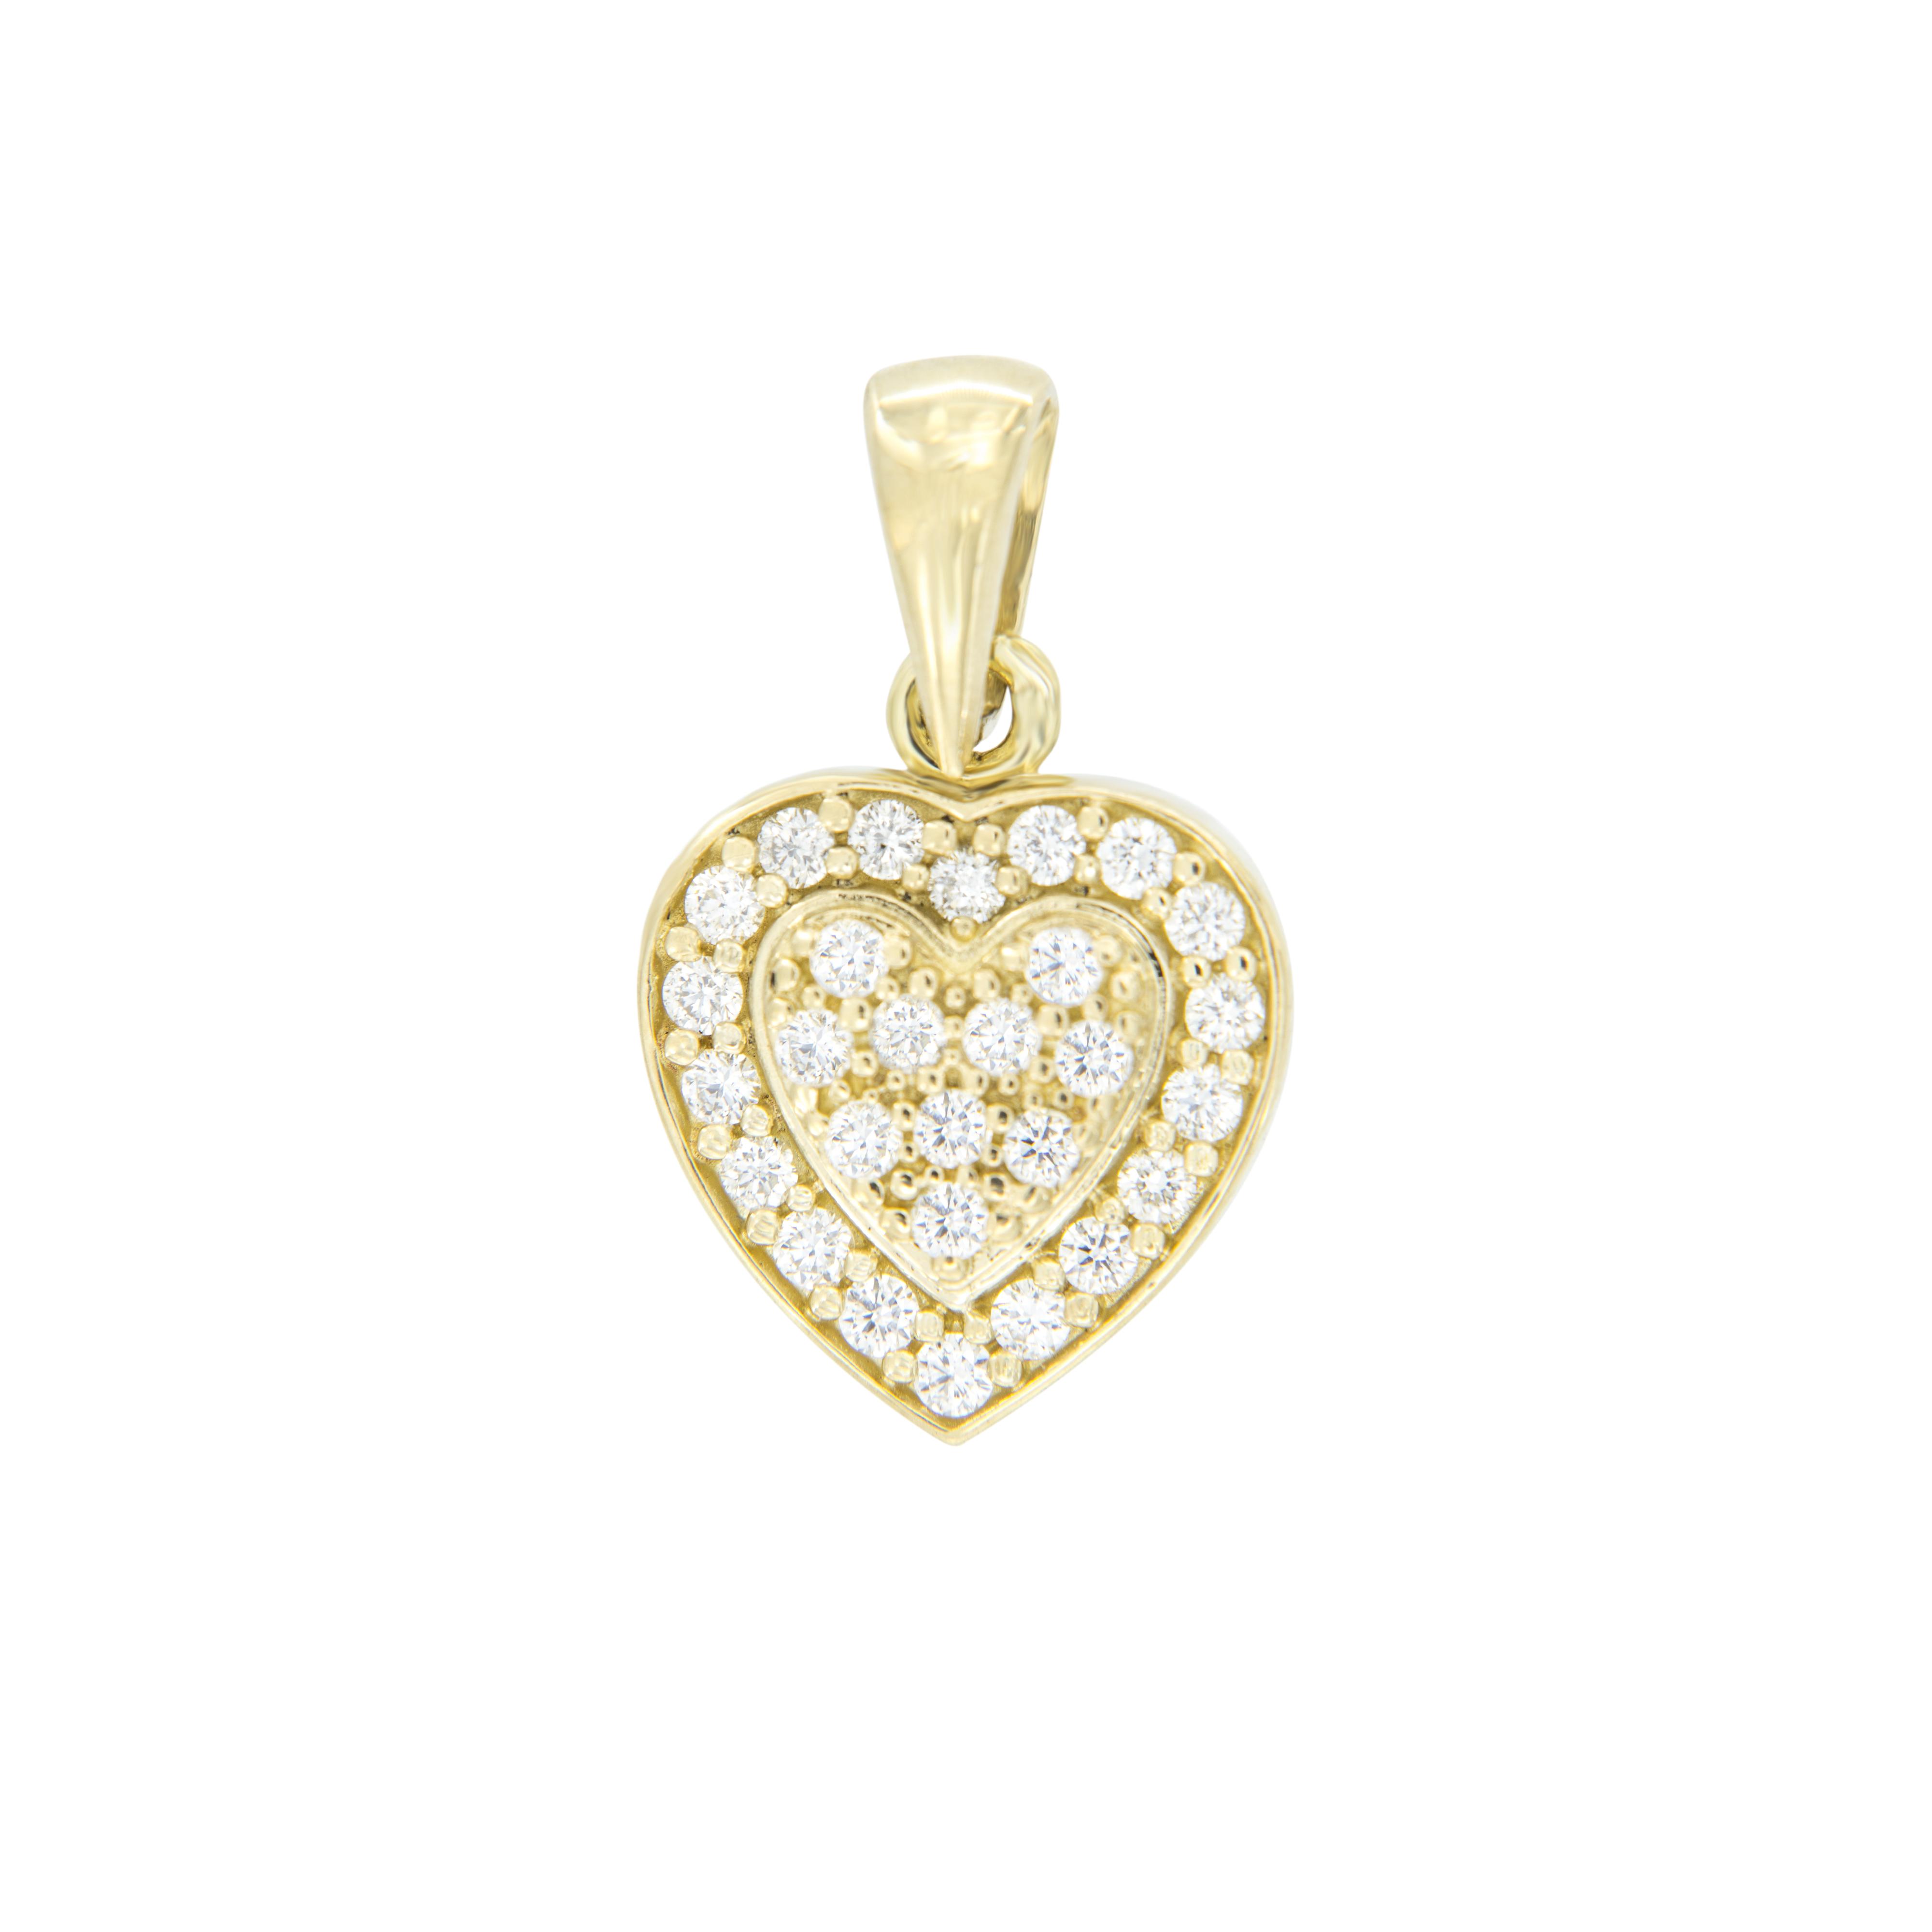 Pøívìsek Rapunzel ve tvaru srdce ze žlutého  zlata - zvìtšit obrázek